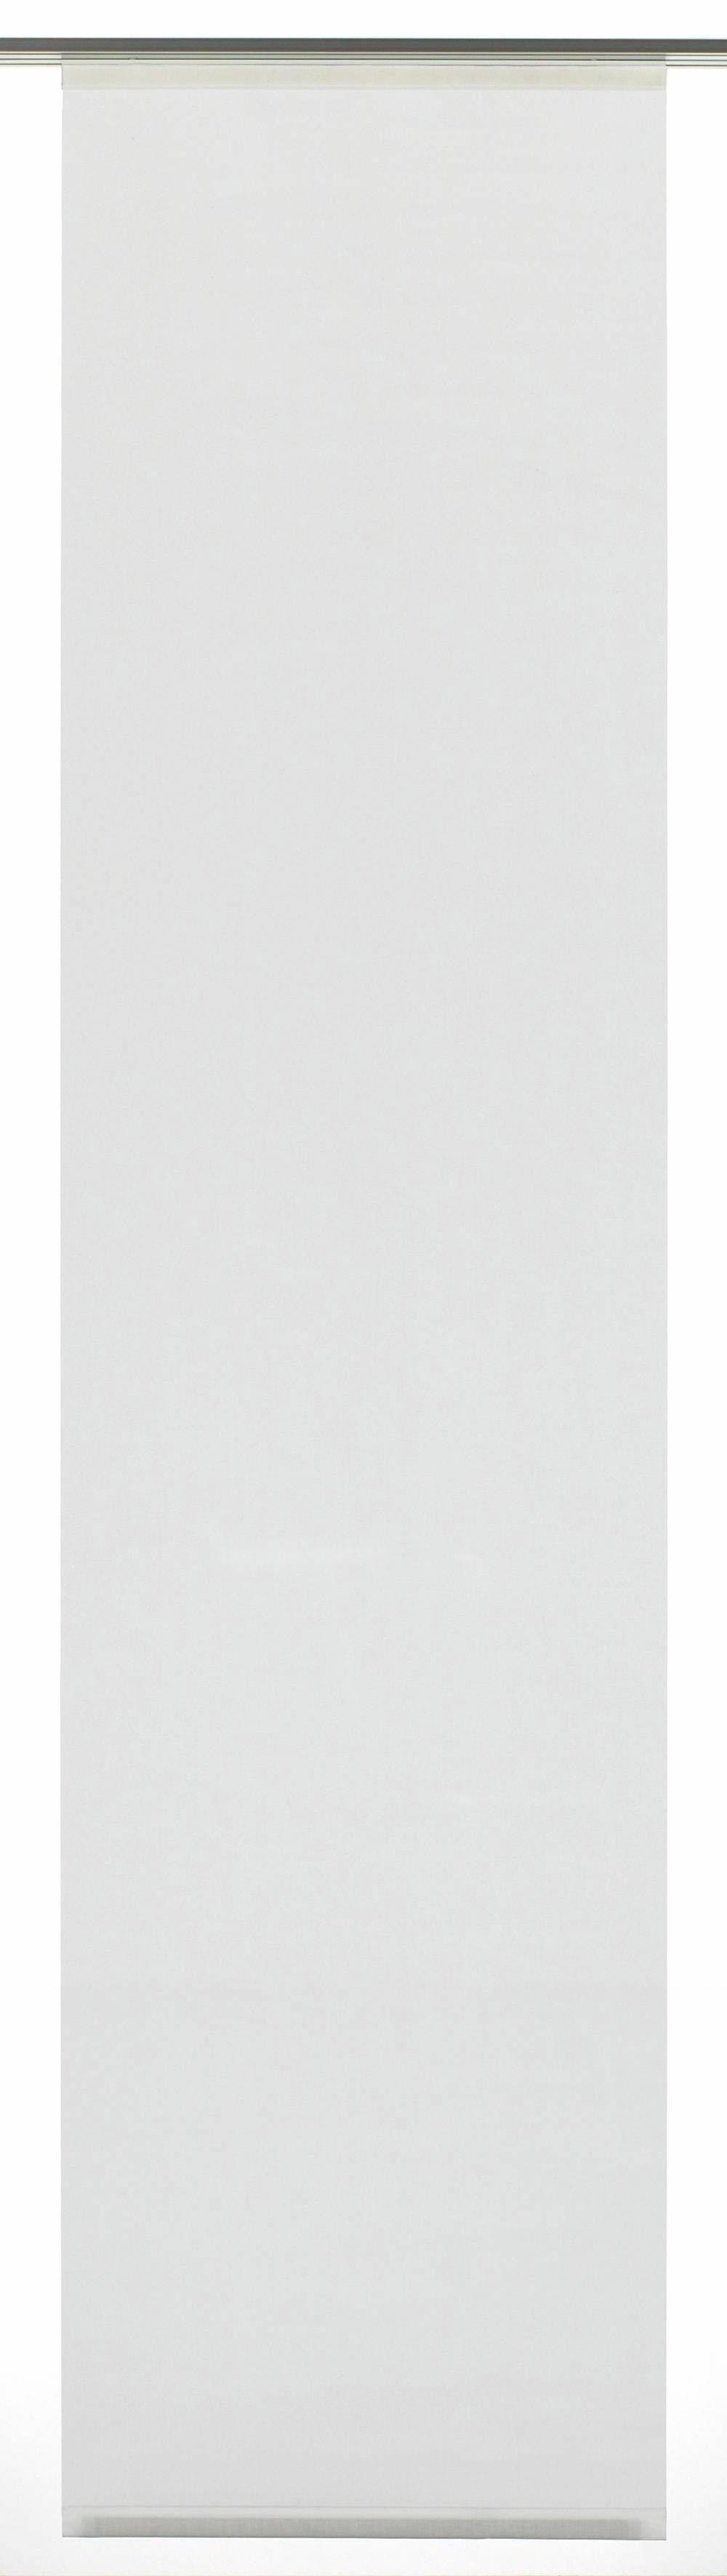 GARDINIA paneelgordijn stof uni met wit railsysteem (1 stuk) bij OTTO online kopen